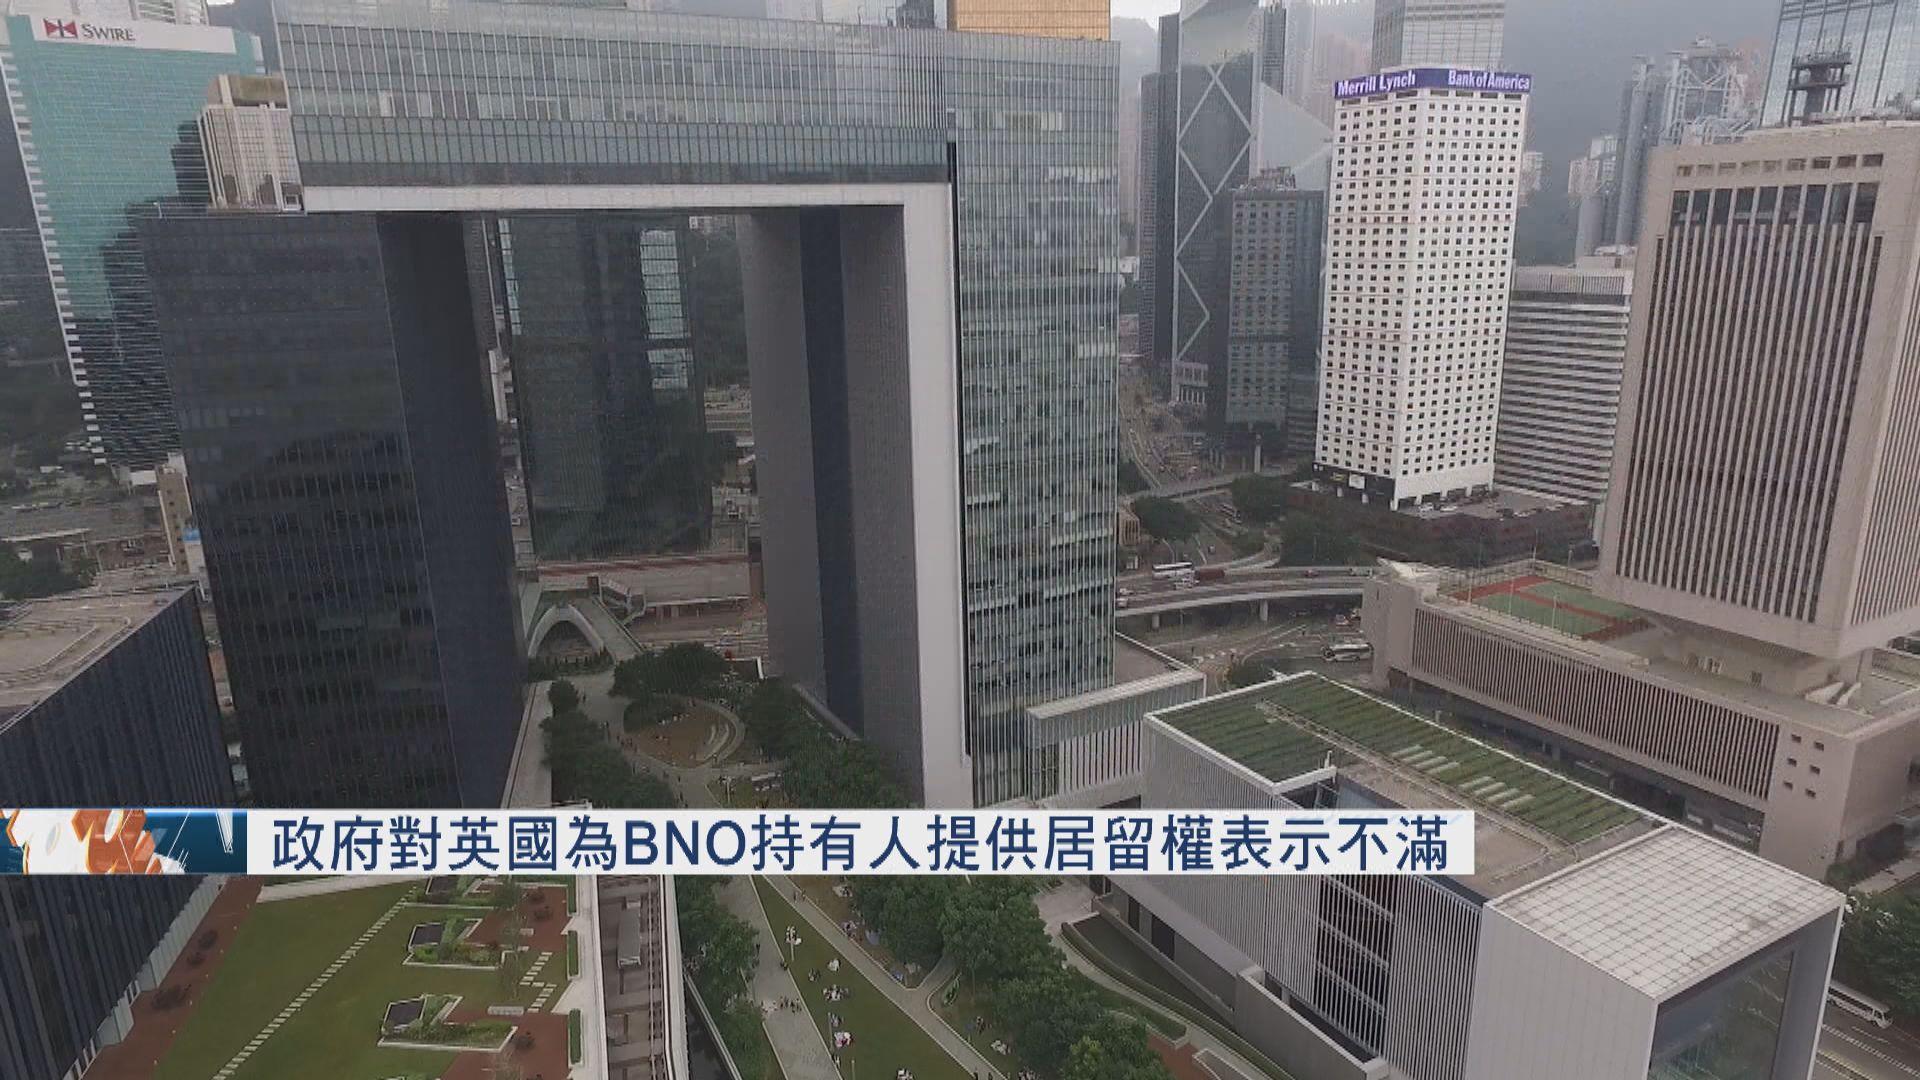 特區政府對英國為BNO持有人提供居留權表示不滿